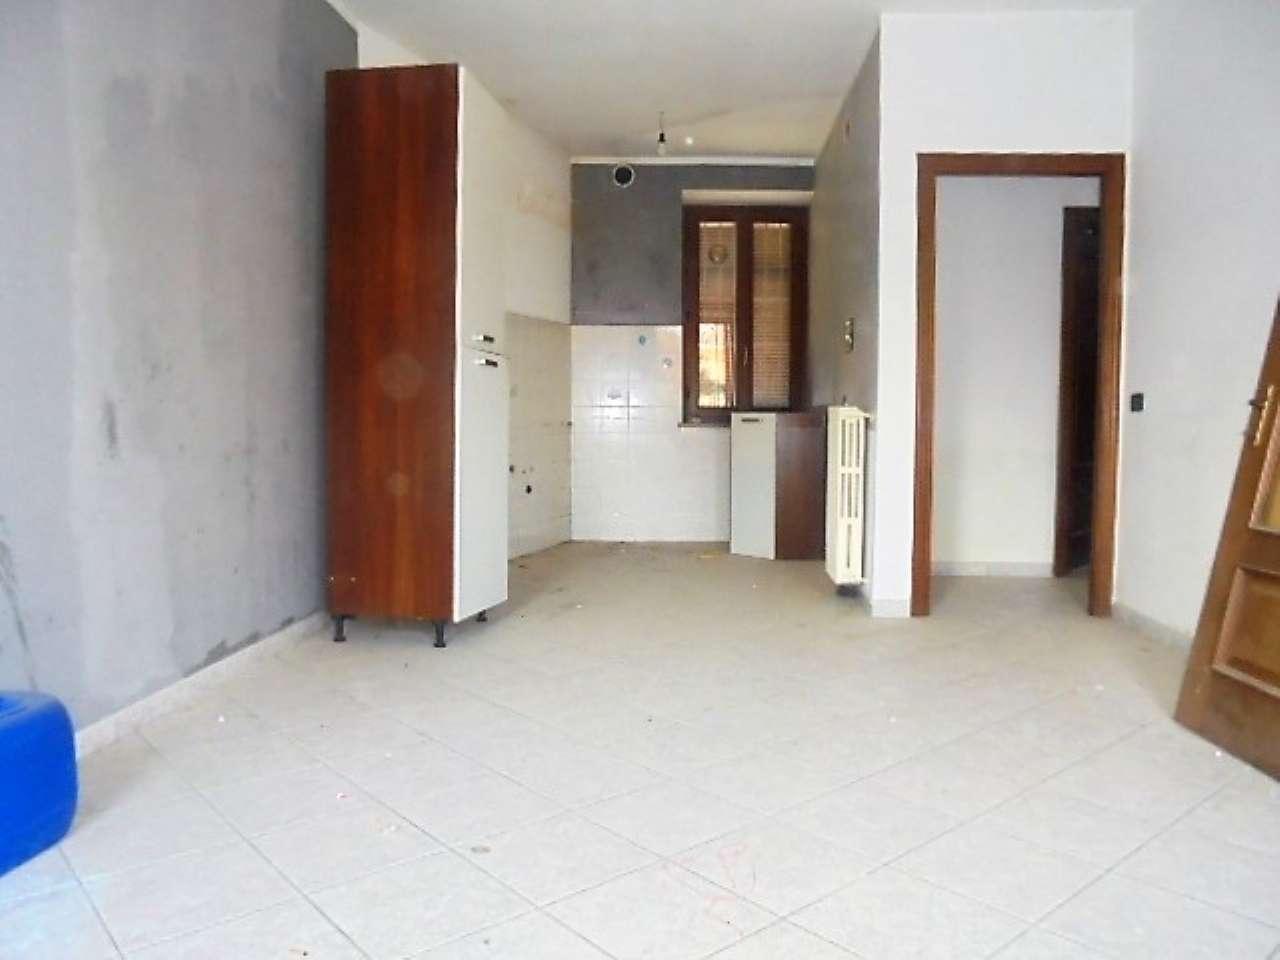 Appartamento in vendita a Santena, 3 locali, prezzo € 135.000 | CambioCasa.it